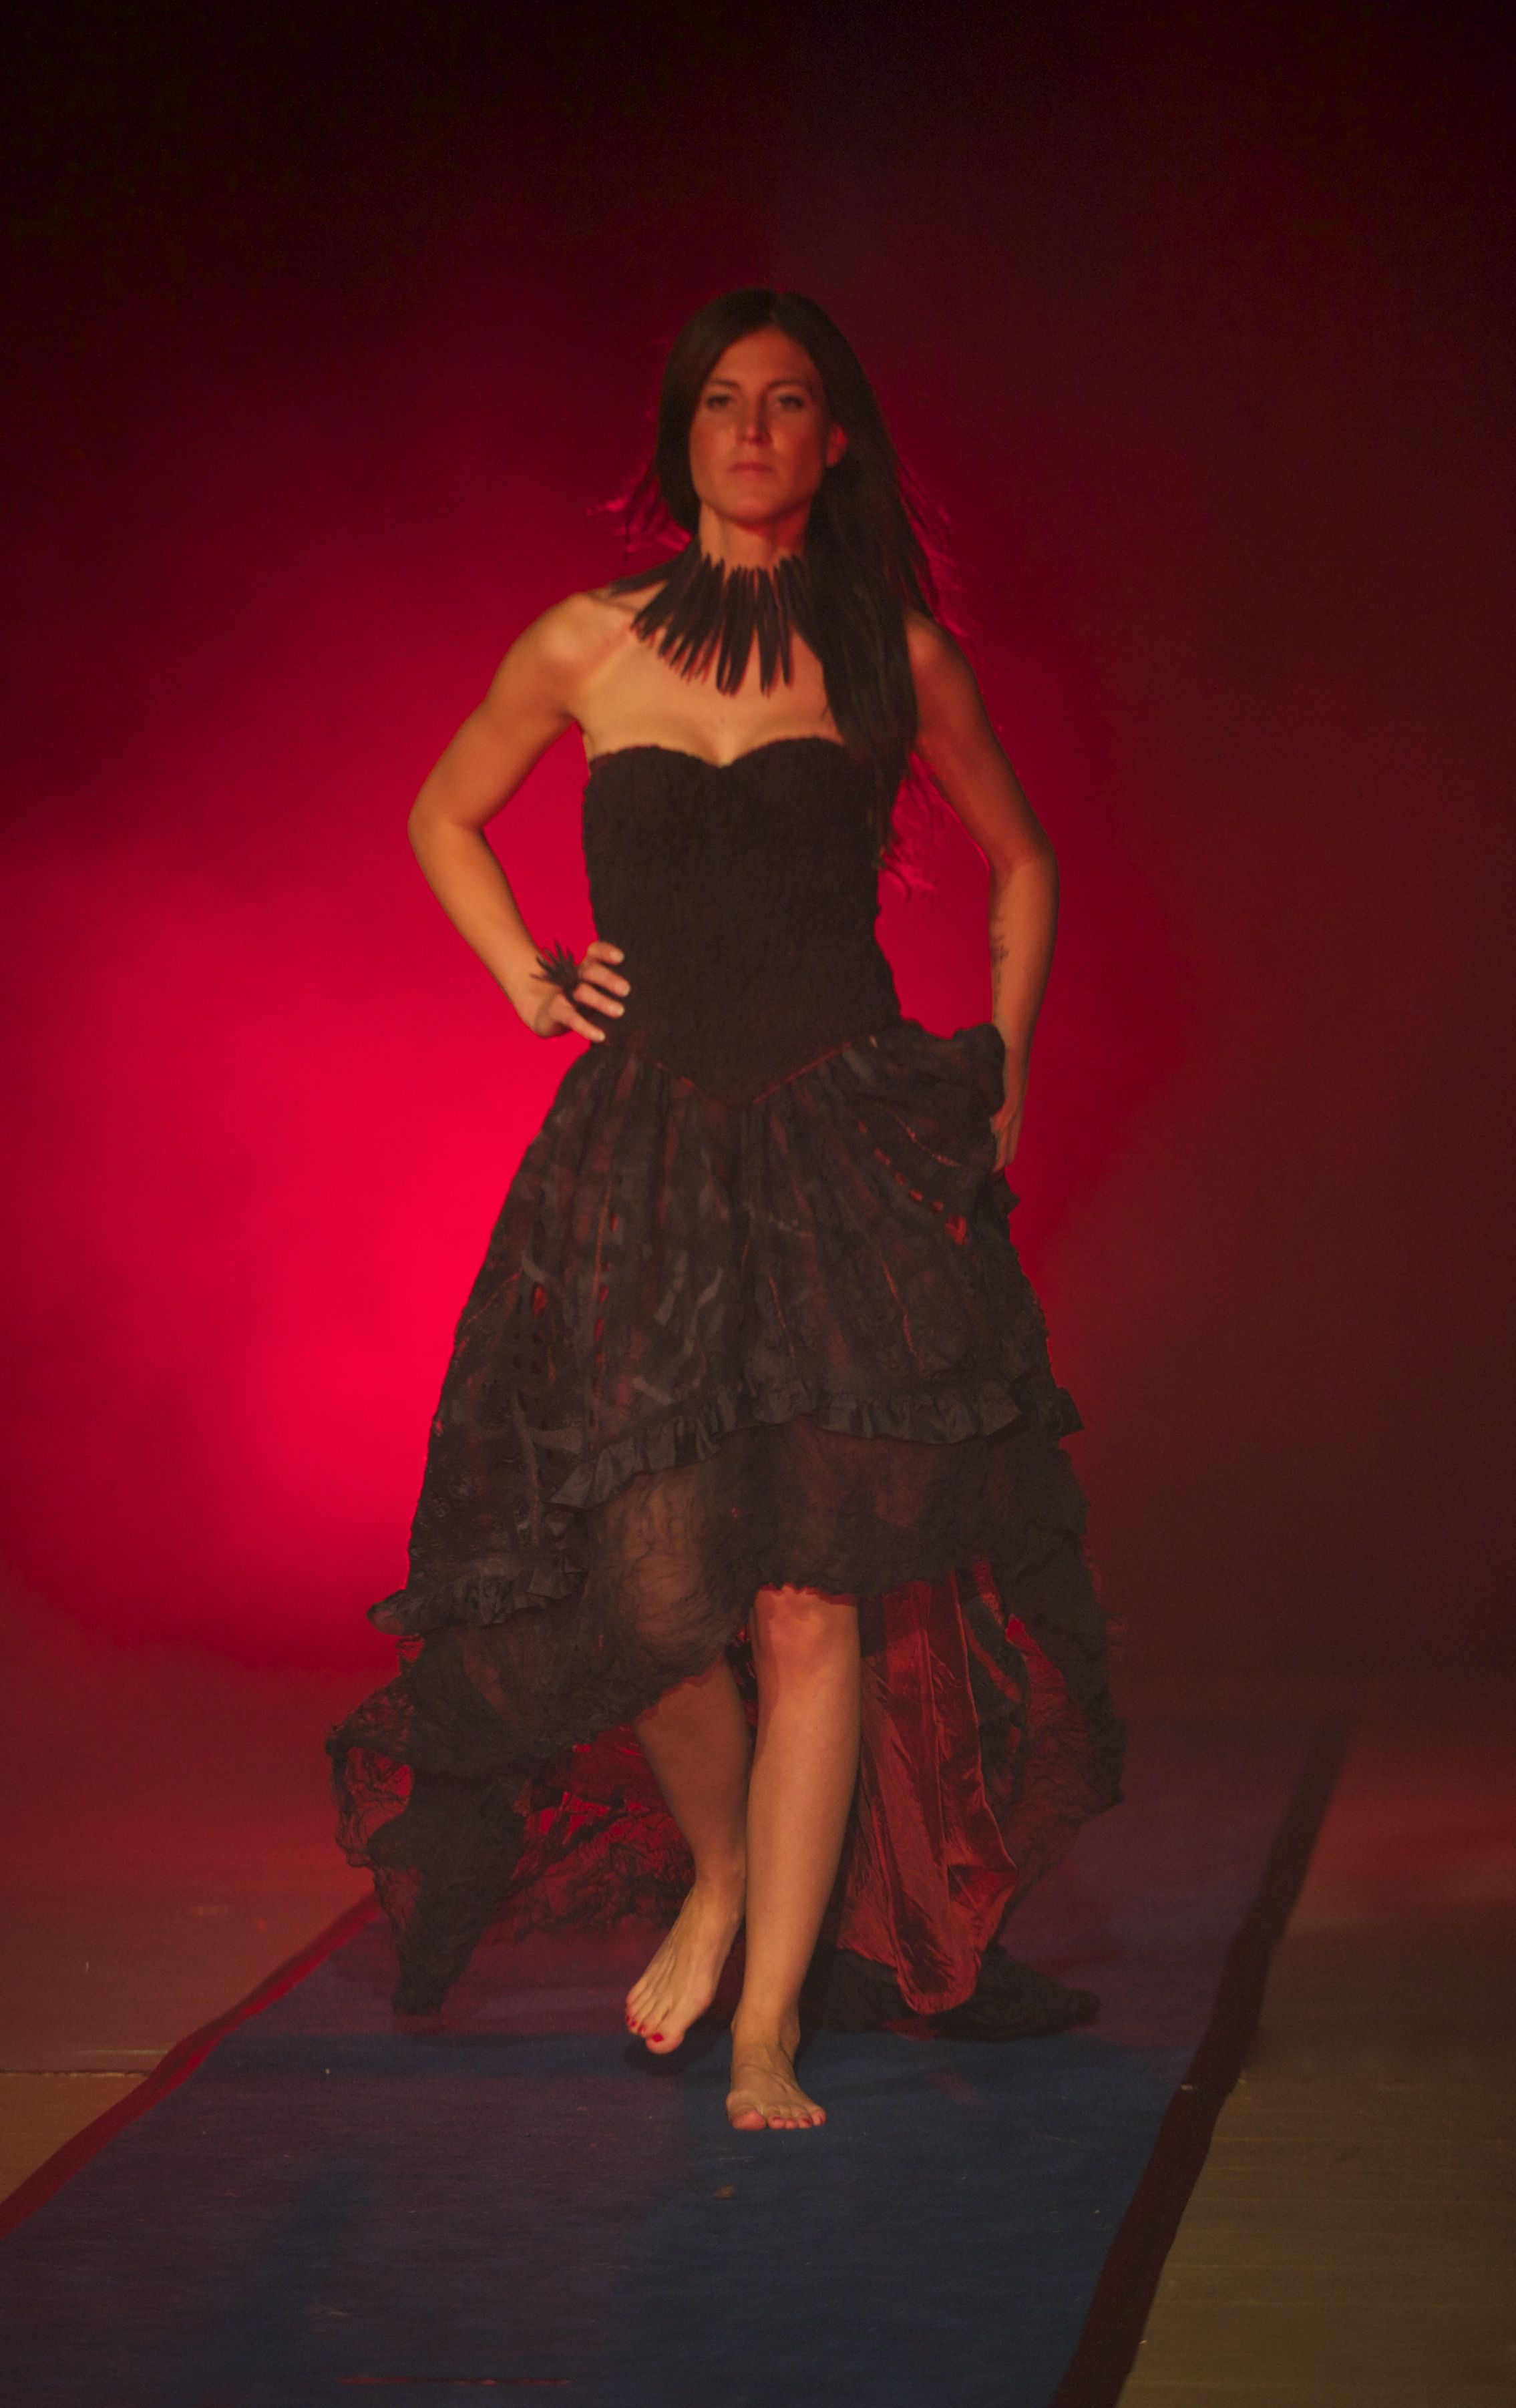 Ein federleichtes Kleid 2-teilig in Nunofilztechnik. Fast 30m handgefärbte Seide sind mit 290g feinster Merinowolle verarbeitet. Angefertigt von Ella Ziegler Foto Horst Ziegler